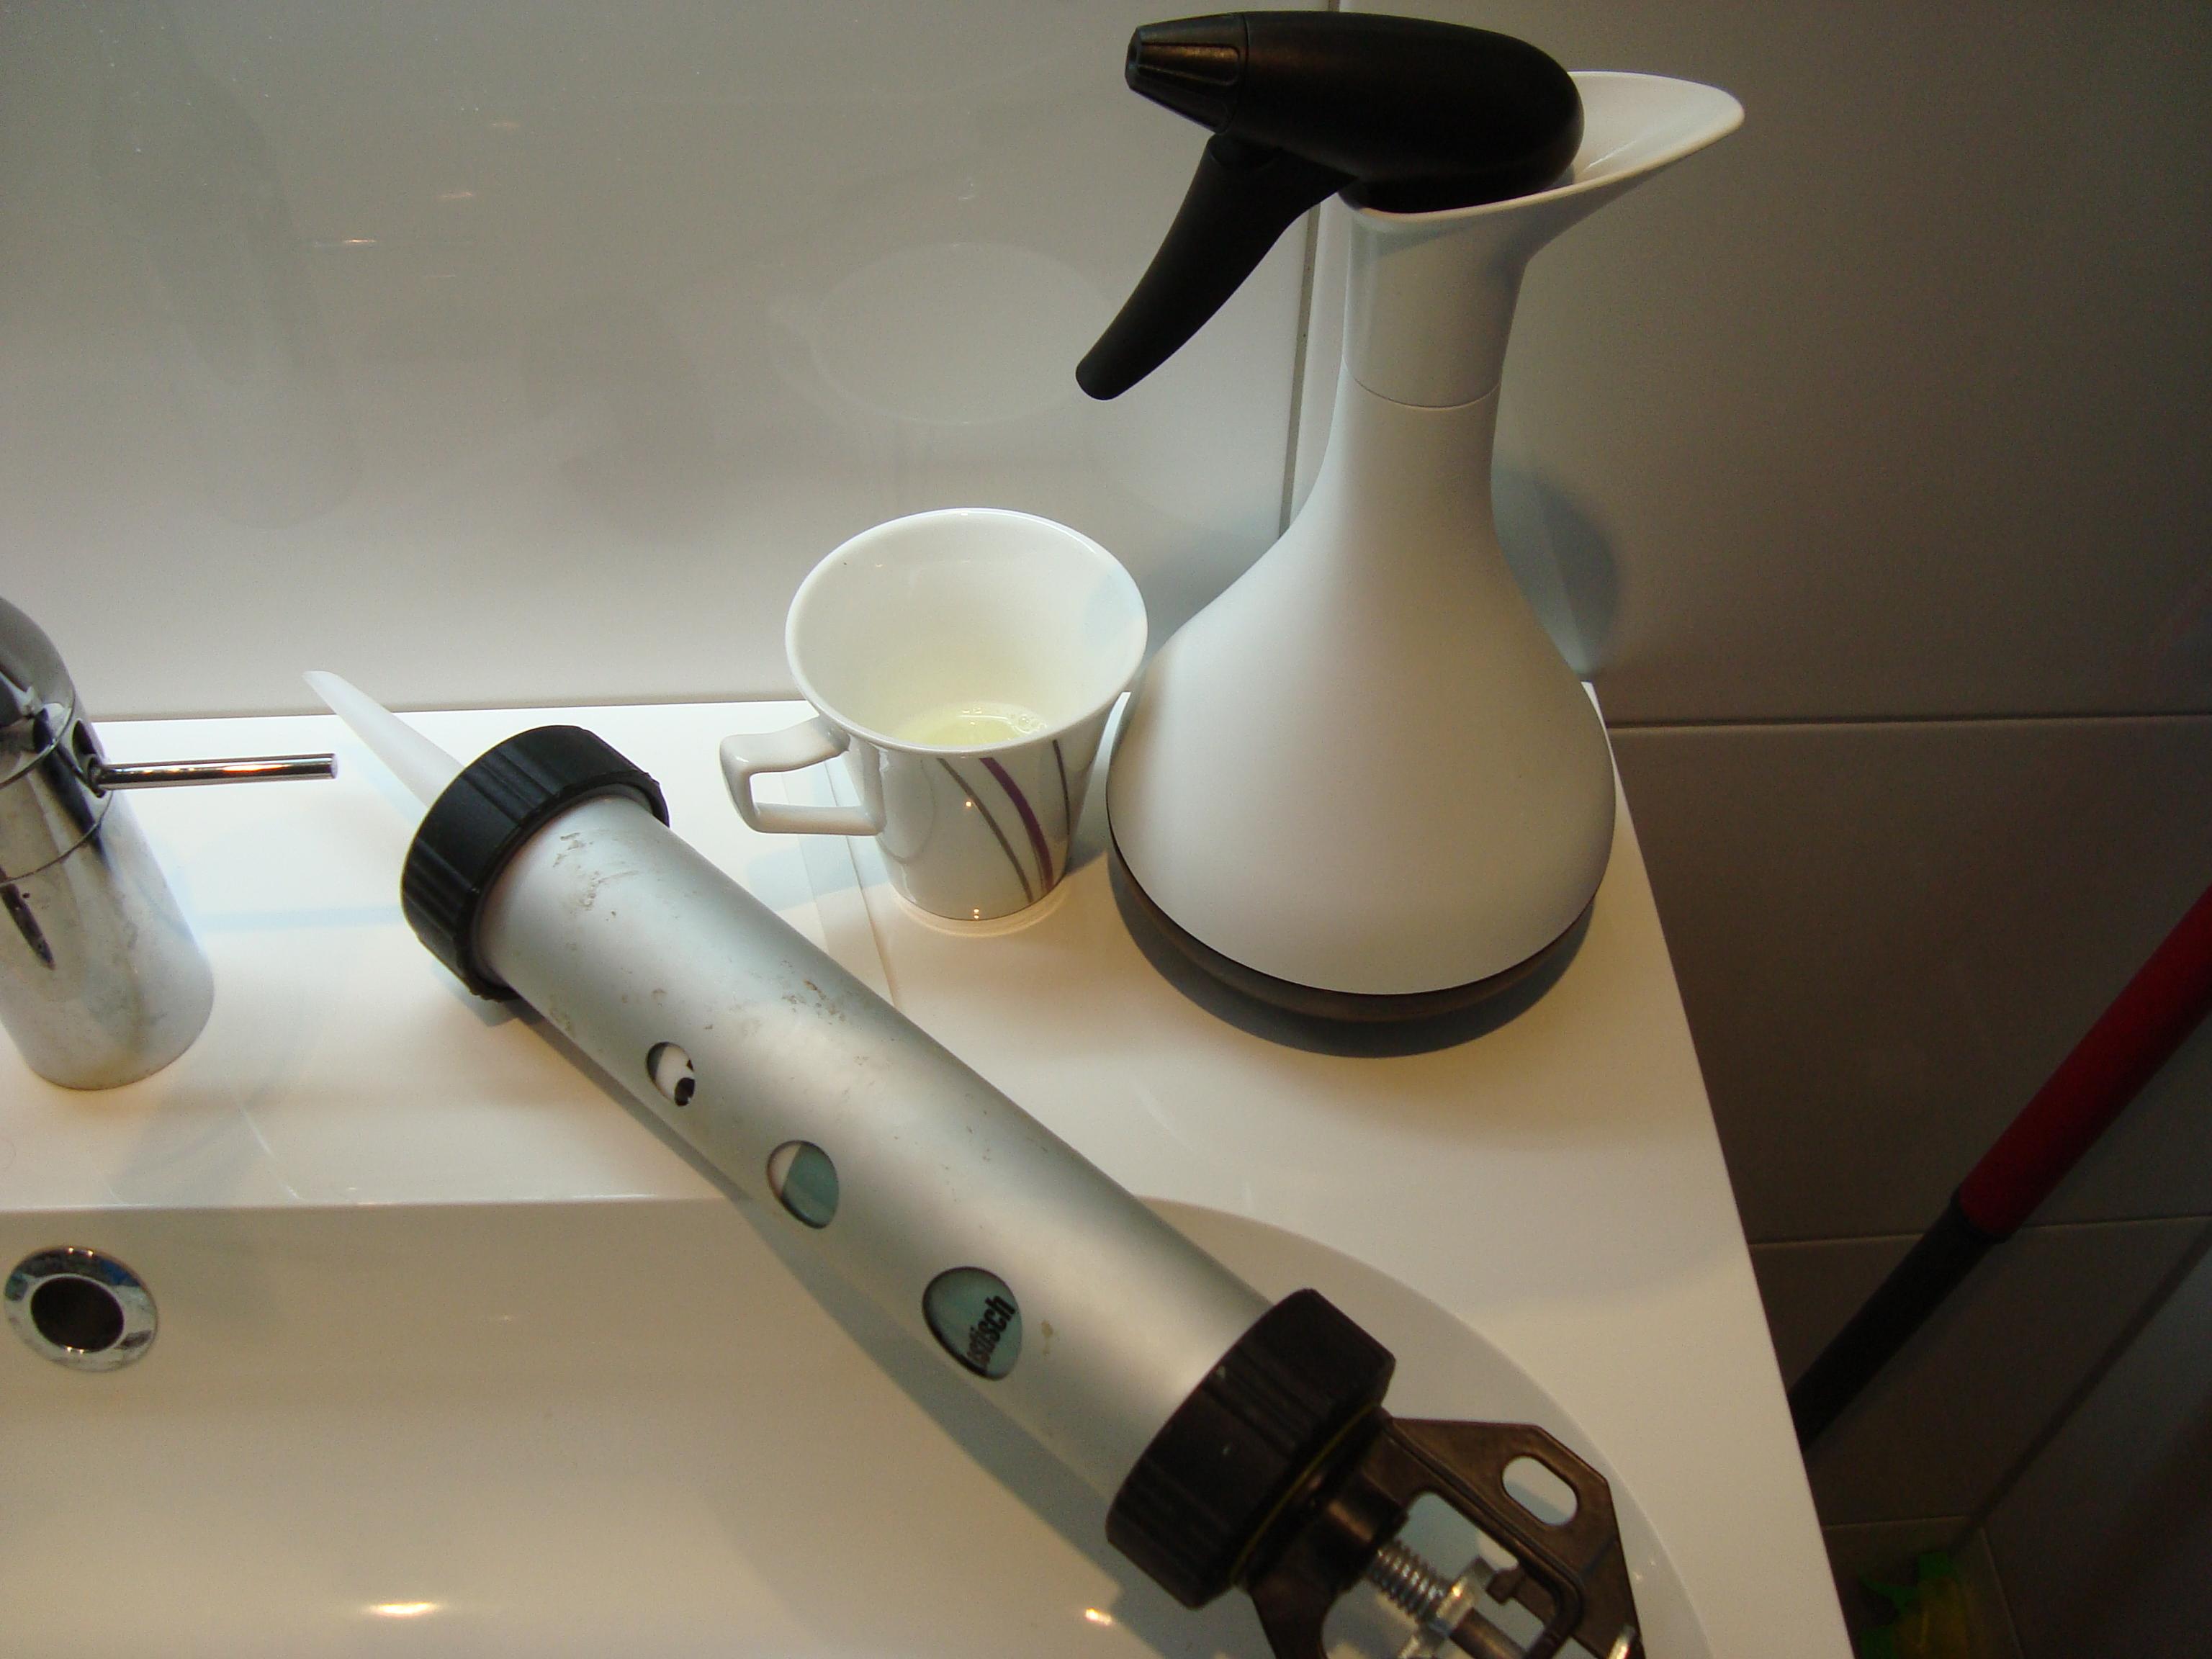 silikonfugen ziehen glatt und sauber - i helf dir